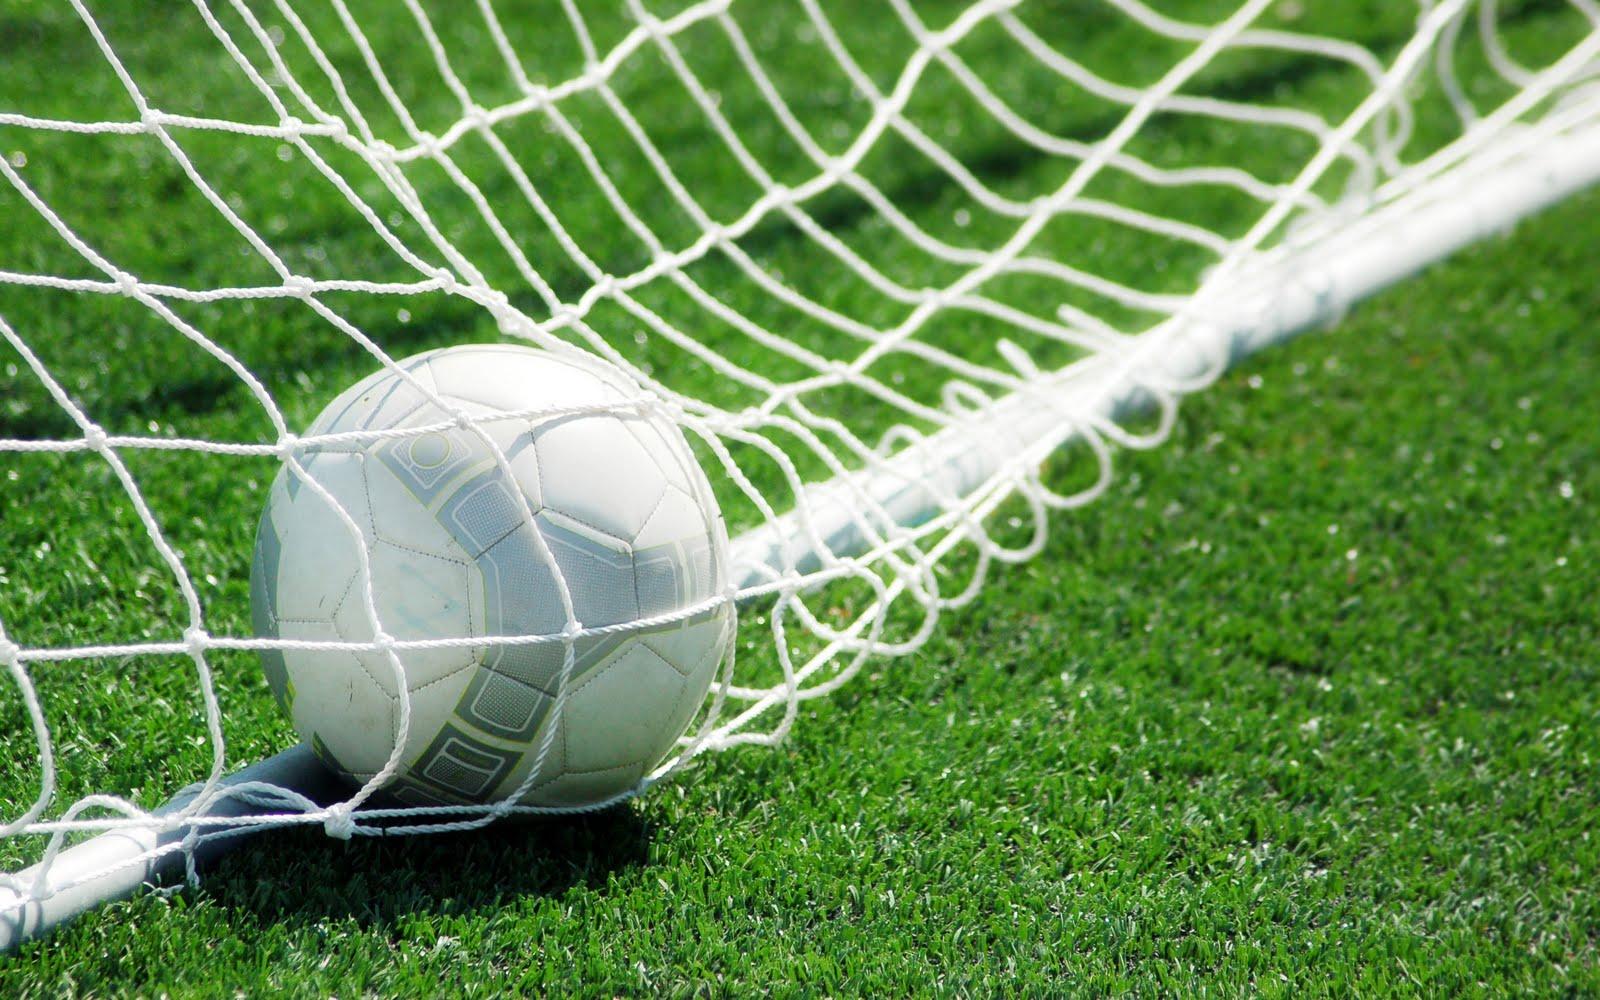 http://3.bp.blogspot.com/_NOdEQKztDvs/TPOFnVZEfpI/AAAAAAAAF5M/oMNnGCSNmfk/s1600/football%2Bblogambar.blogspot.com%2B%252819%2529.jpg